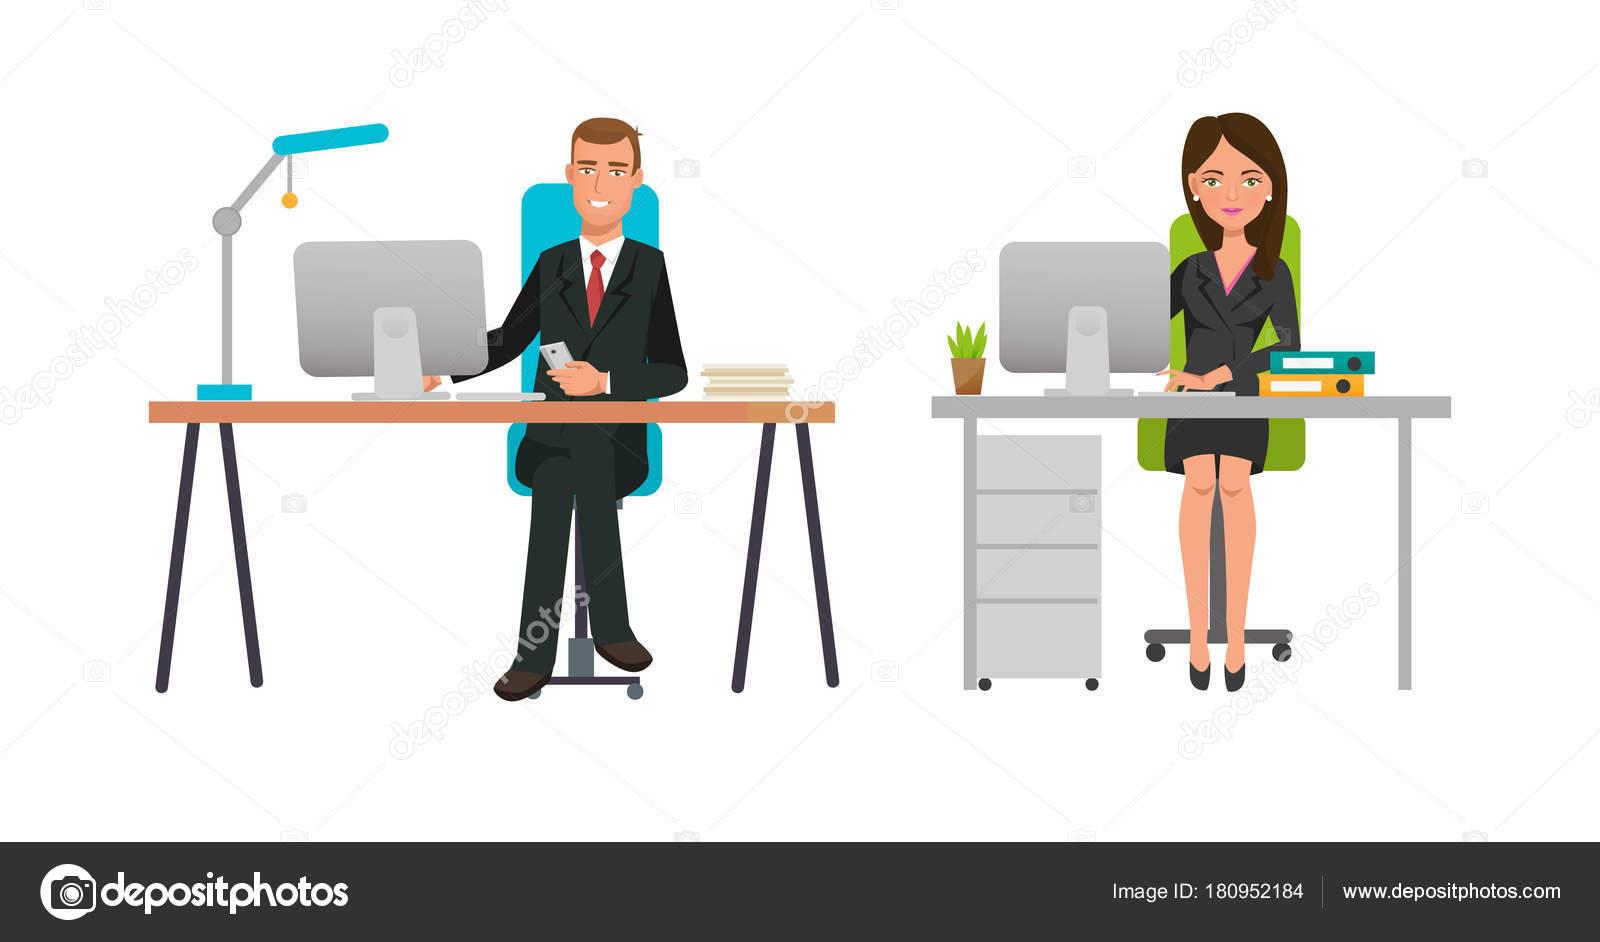 Perfekt Geschäft Cartoon Charakter Berufstätige Im Büro Schrank. Büroangestellte,  Partner, Freut Sich über Erfolg, Arbeiten Hinter Schreibtisch Bürotisch.